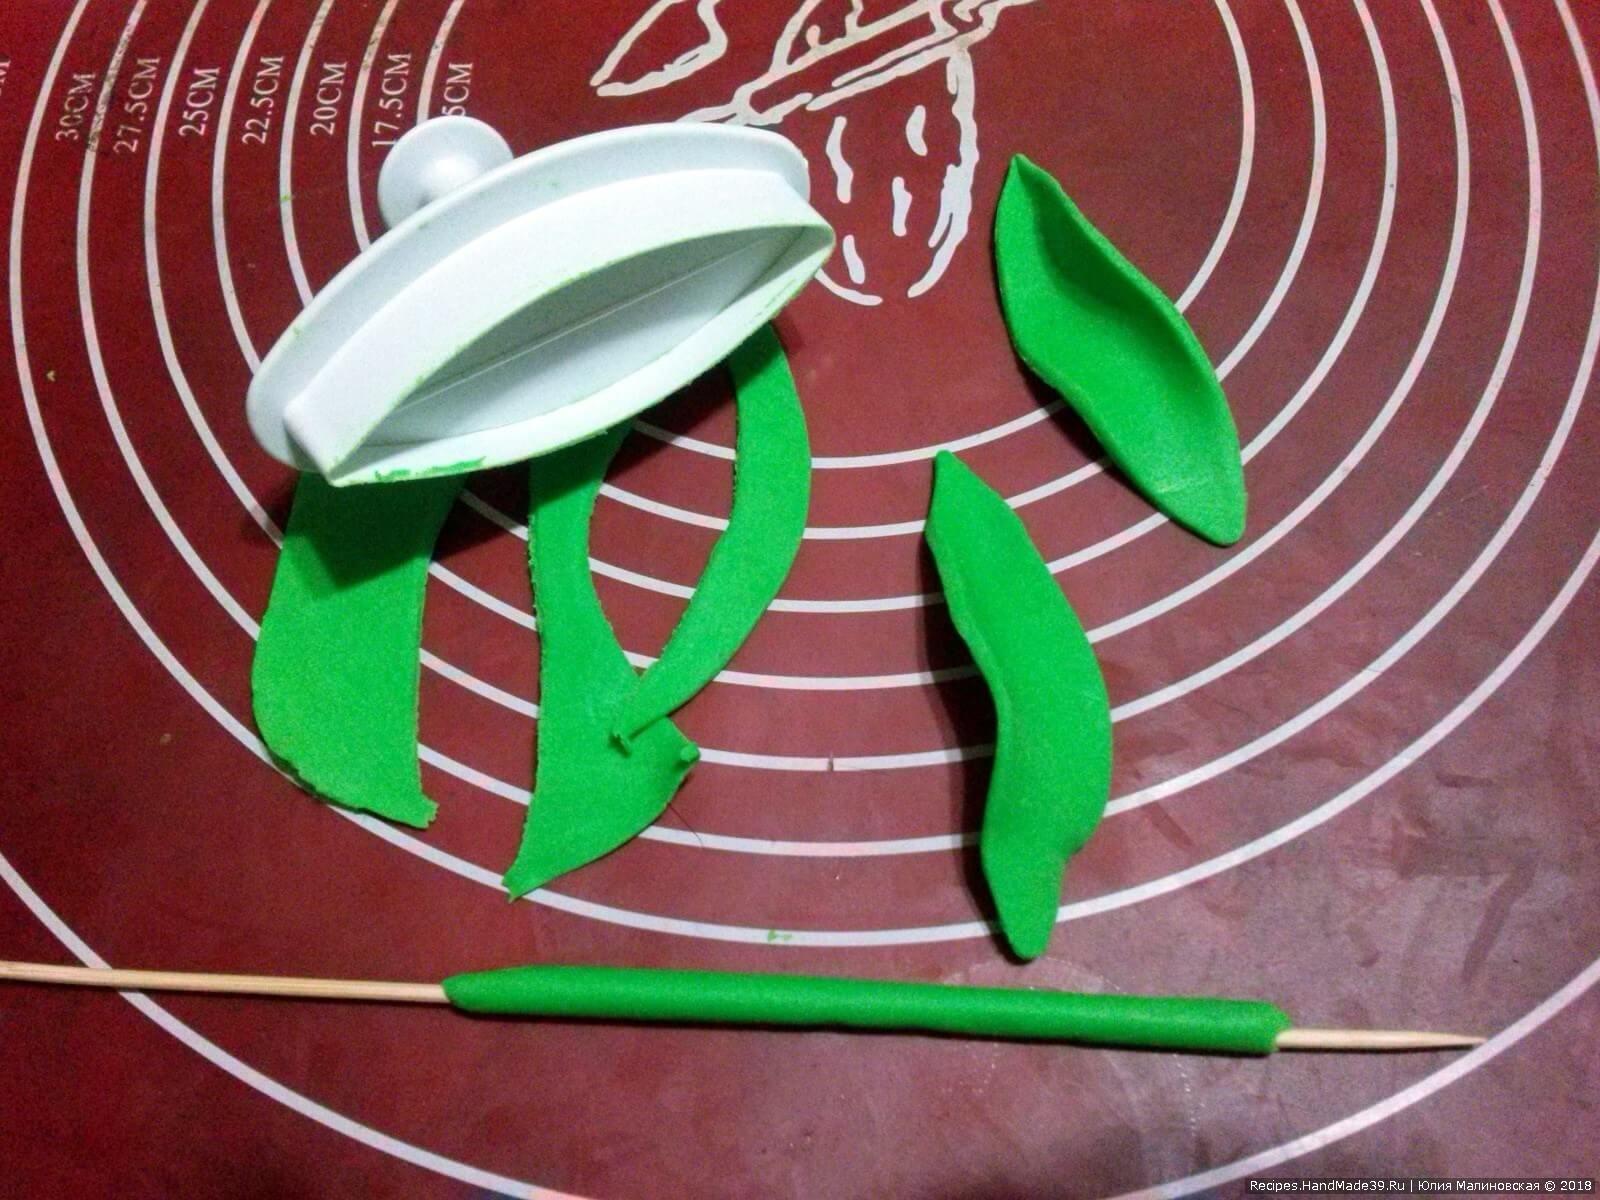 Выемкой «лилия» вырезать листья из зелёного пластичного шоколада